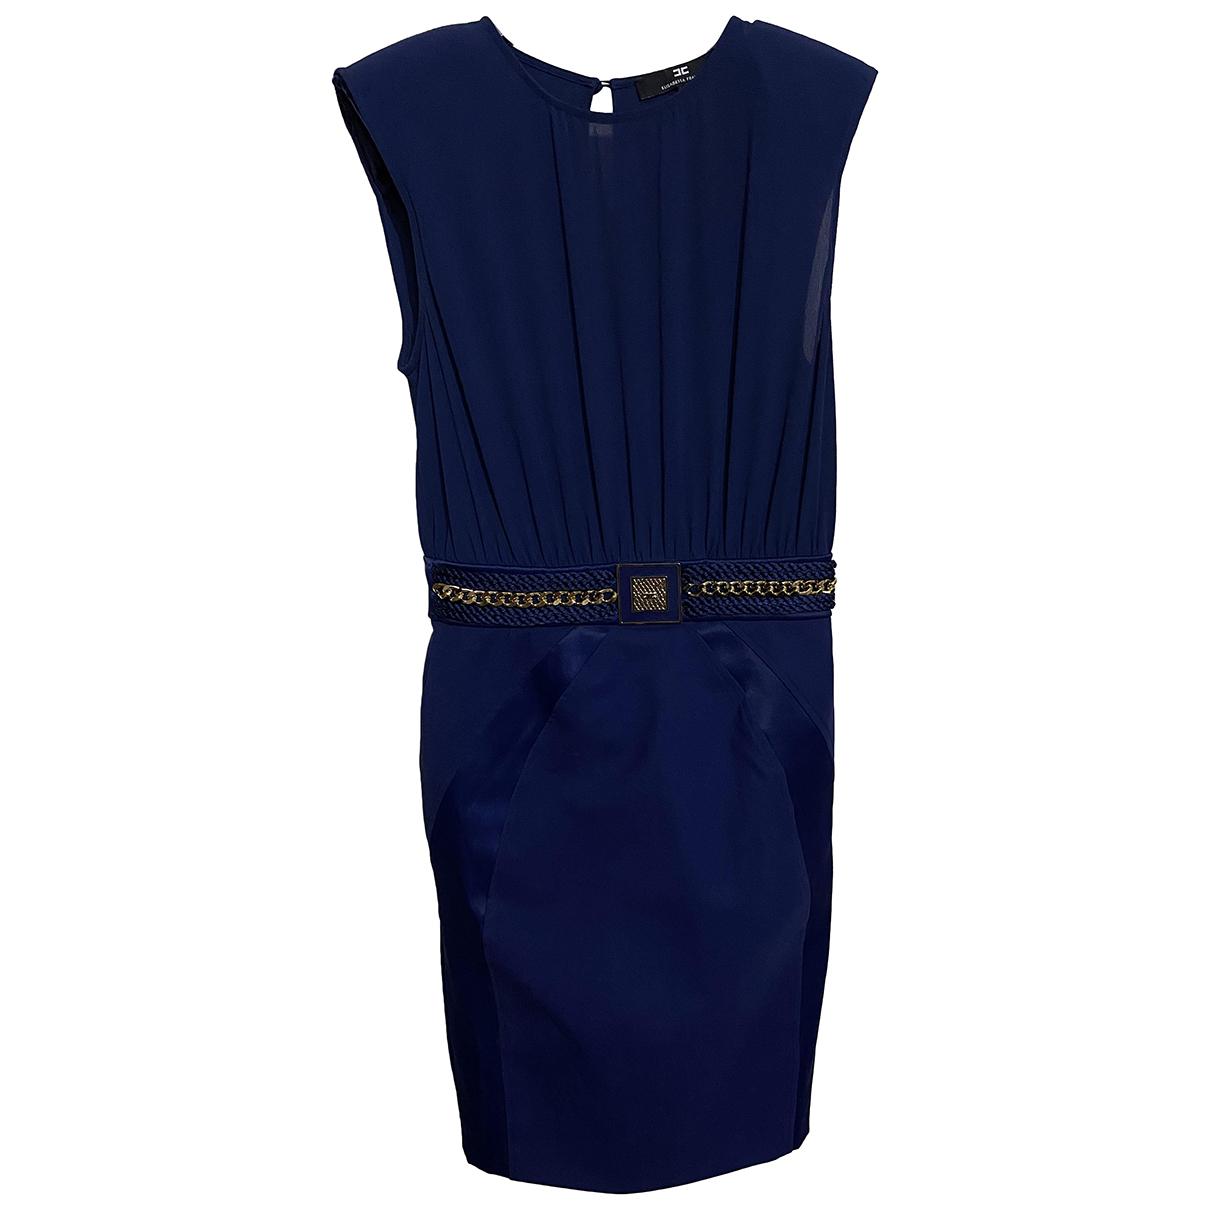 Elisabetta Franchi \N Kleid in  Blau Polyester